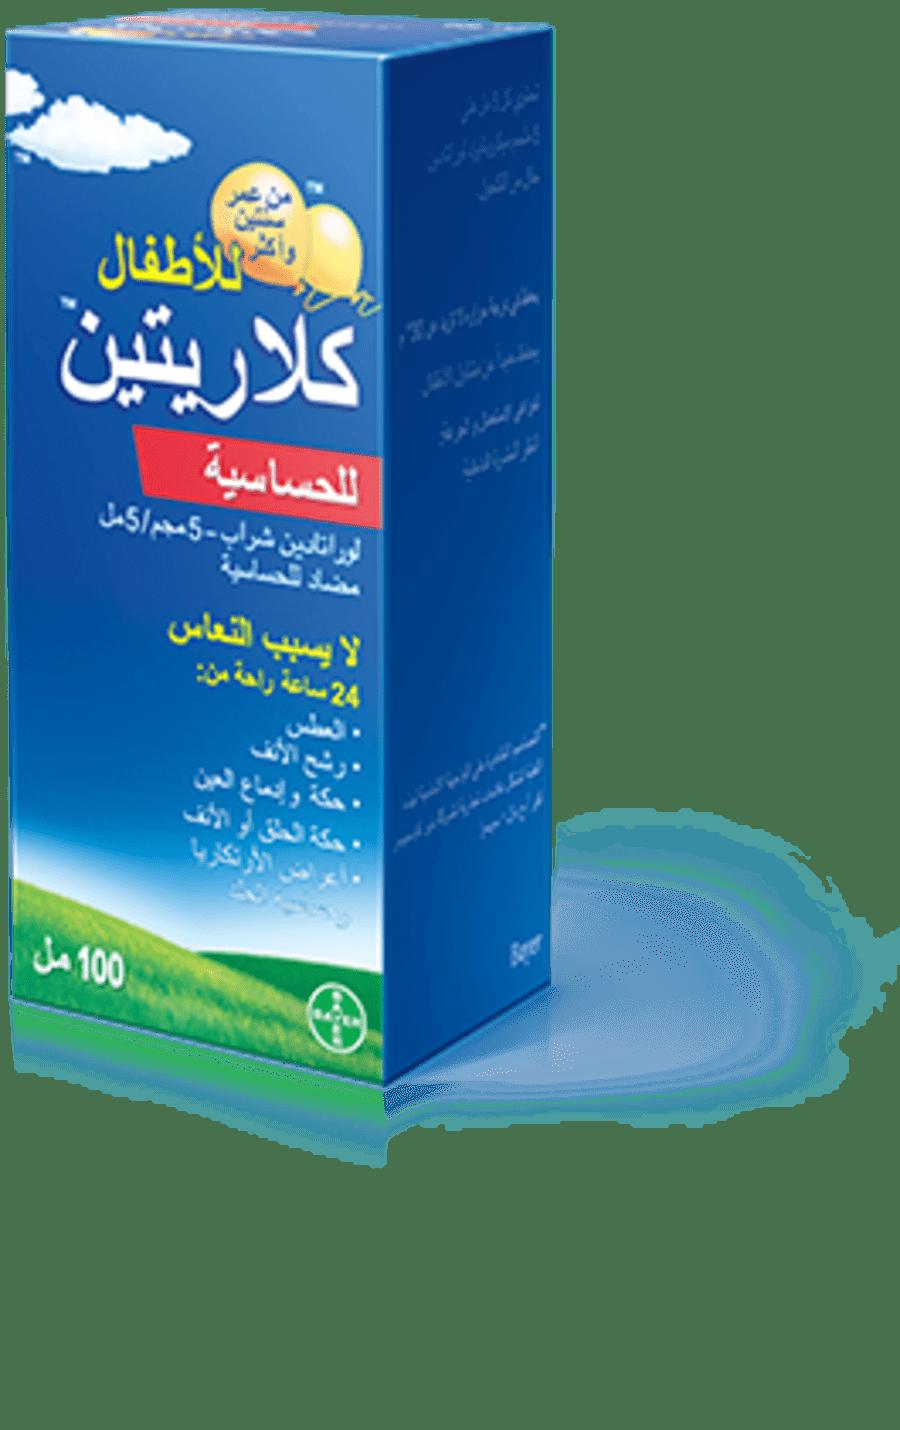 التوصيل من صيدليات مركز الدواء في الملك فهد هنقرستيشن